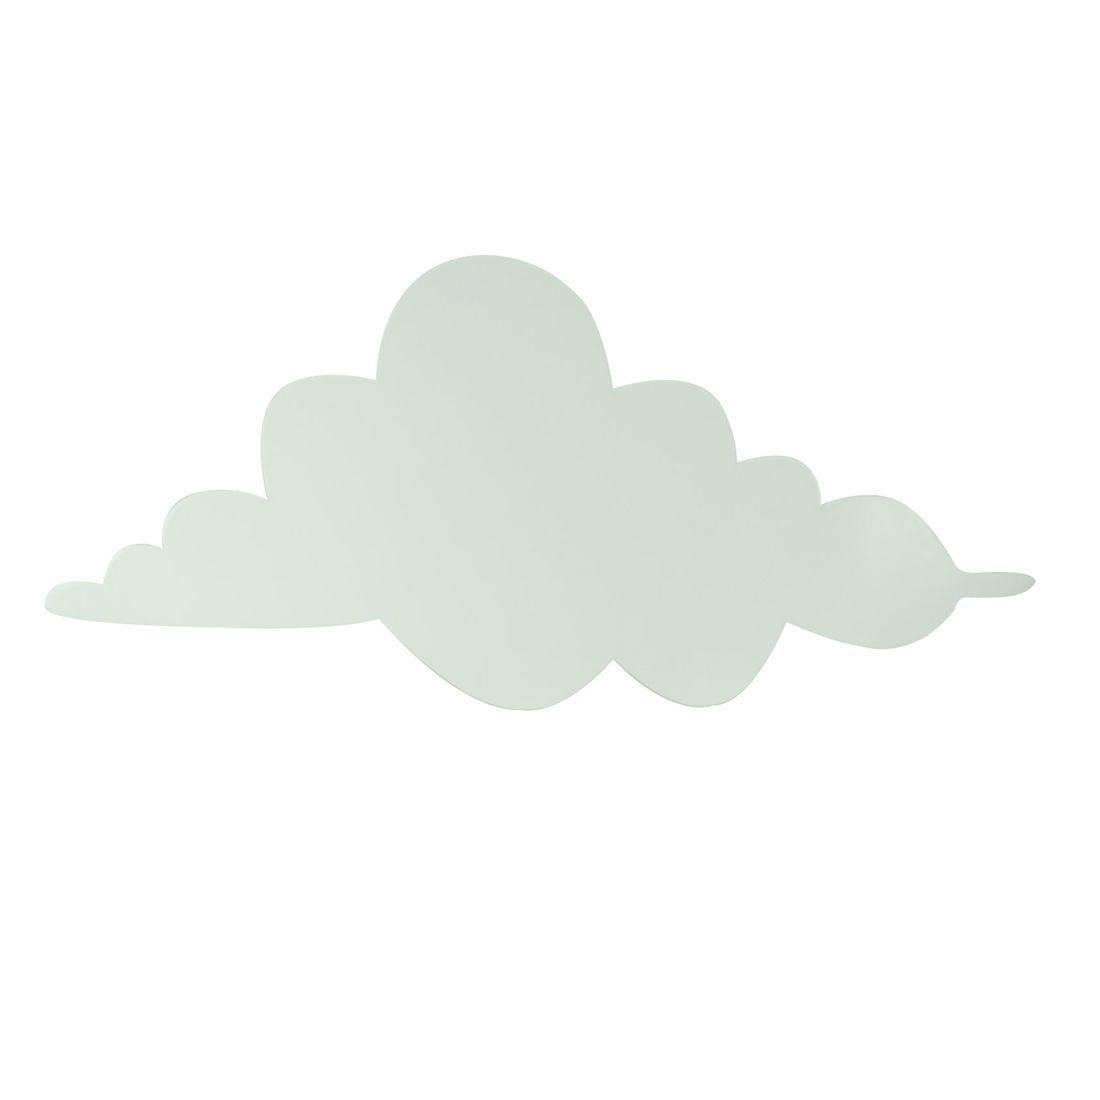 Aplique-Moldura-Nuvem-Nova-40x18-Mdf-Madeira-Branco